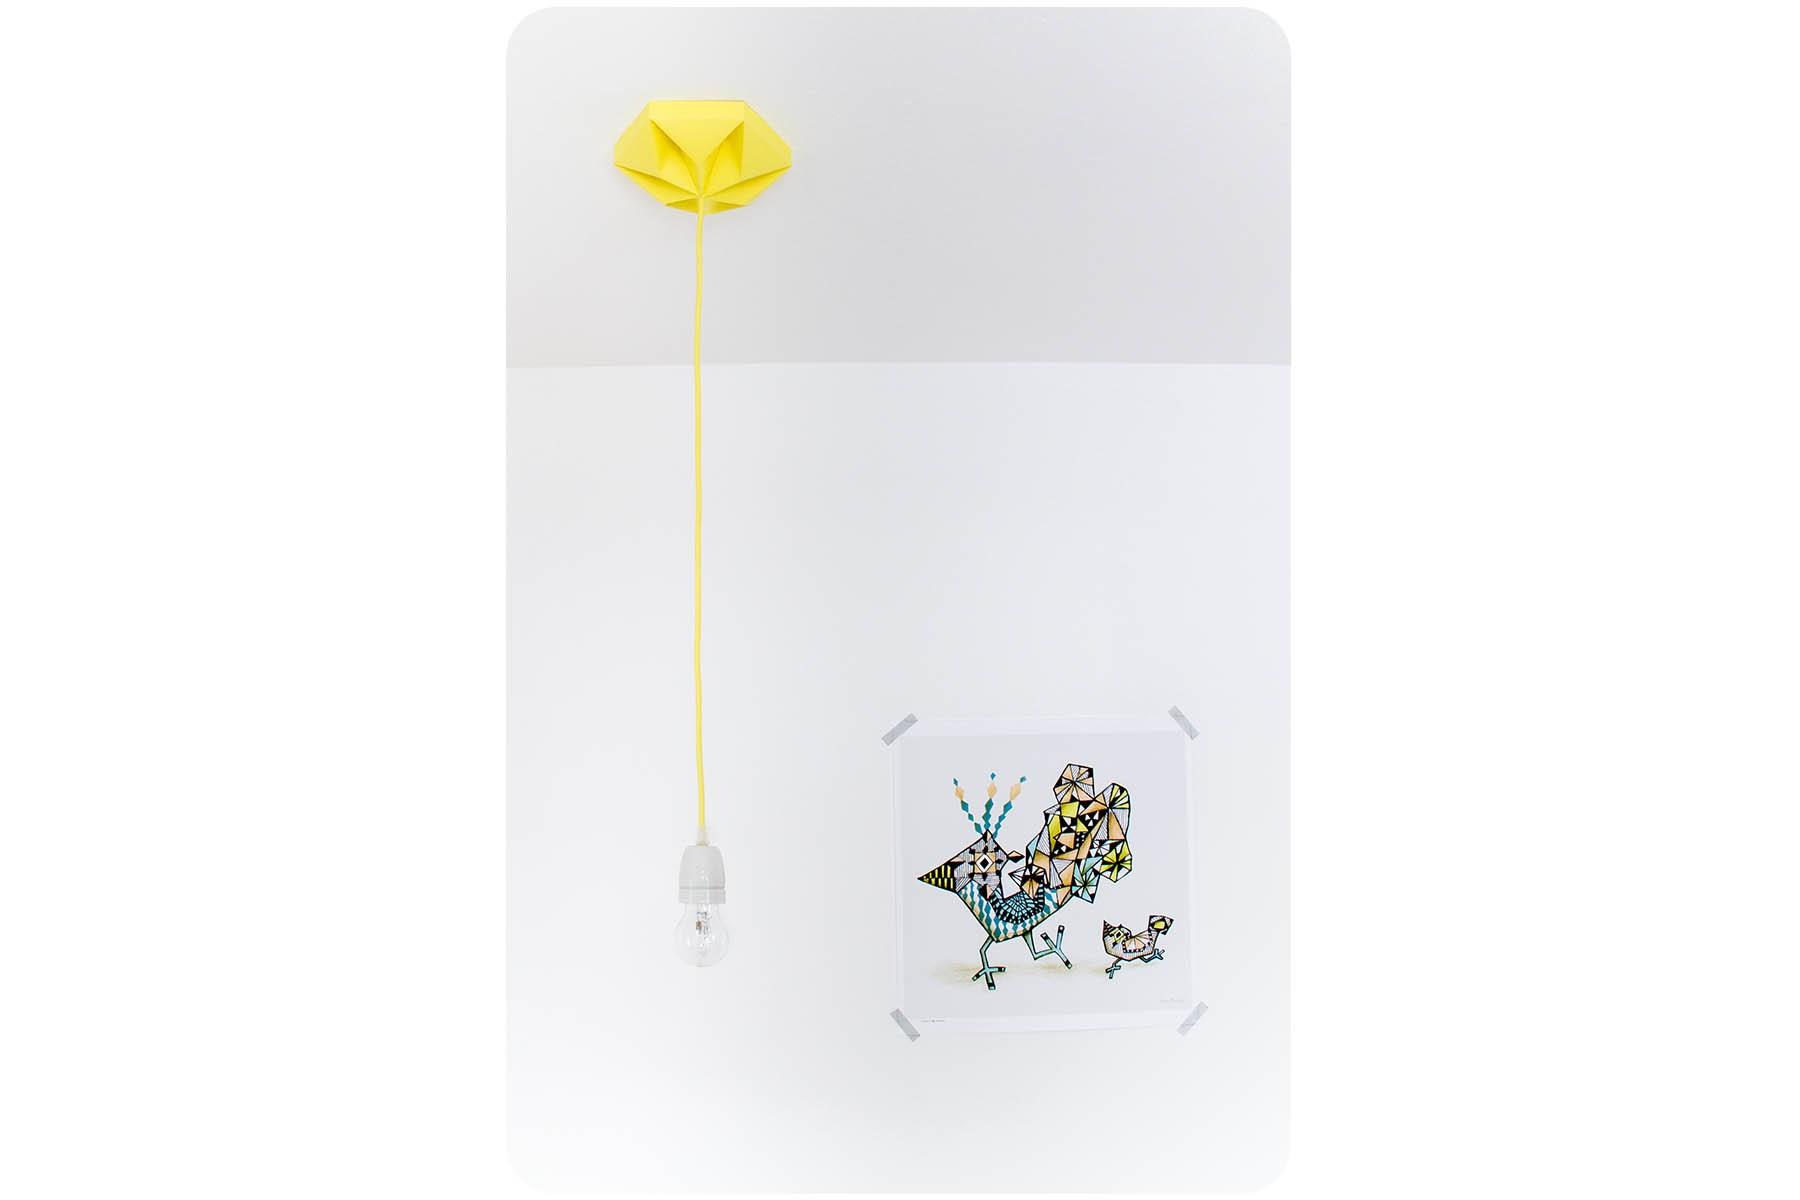 Rosace d coration jaune for Decoration jaune